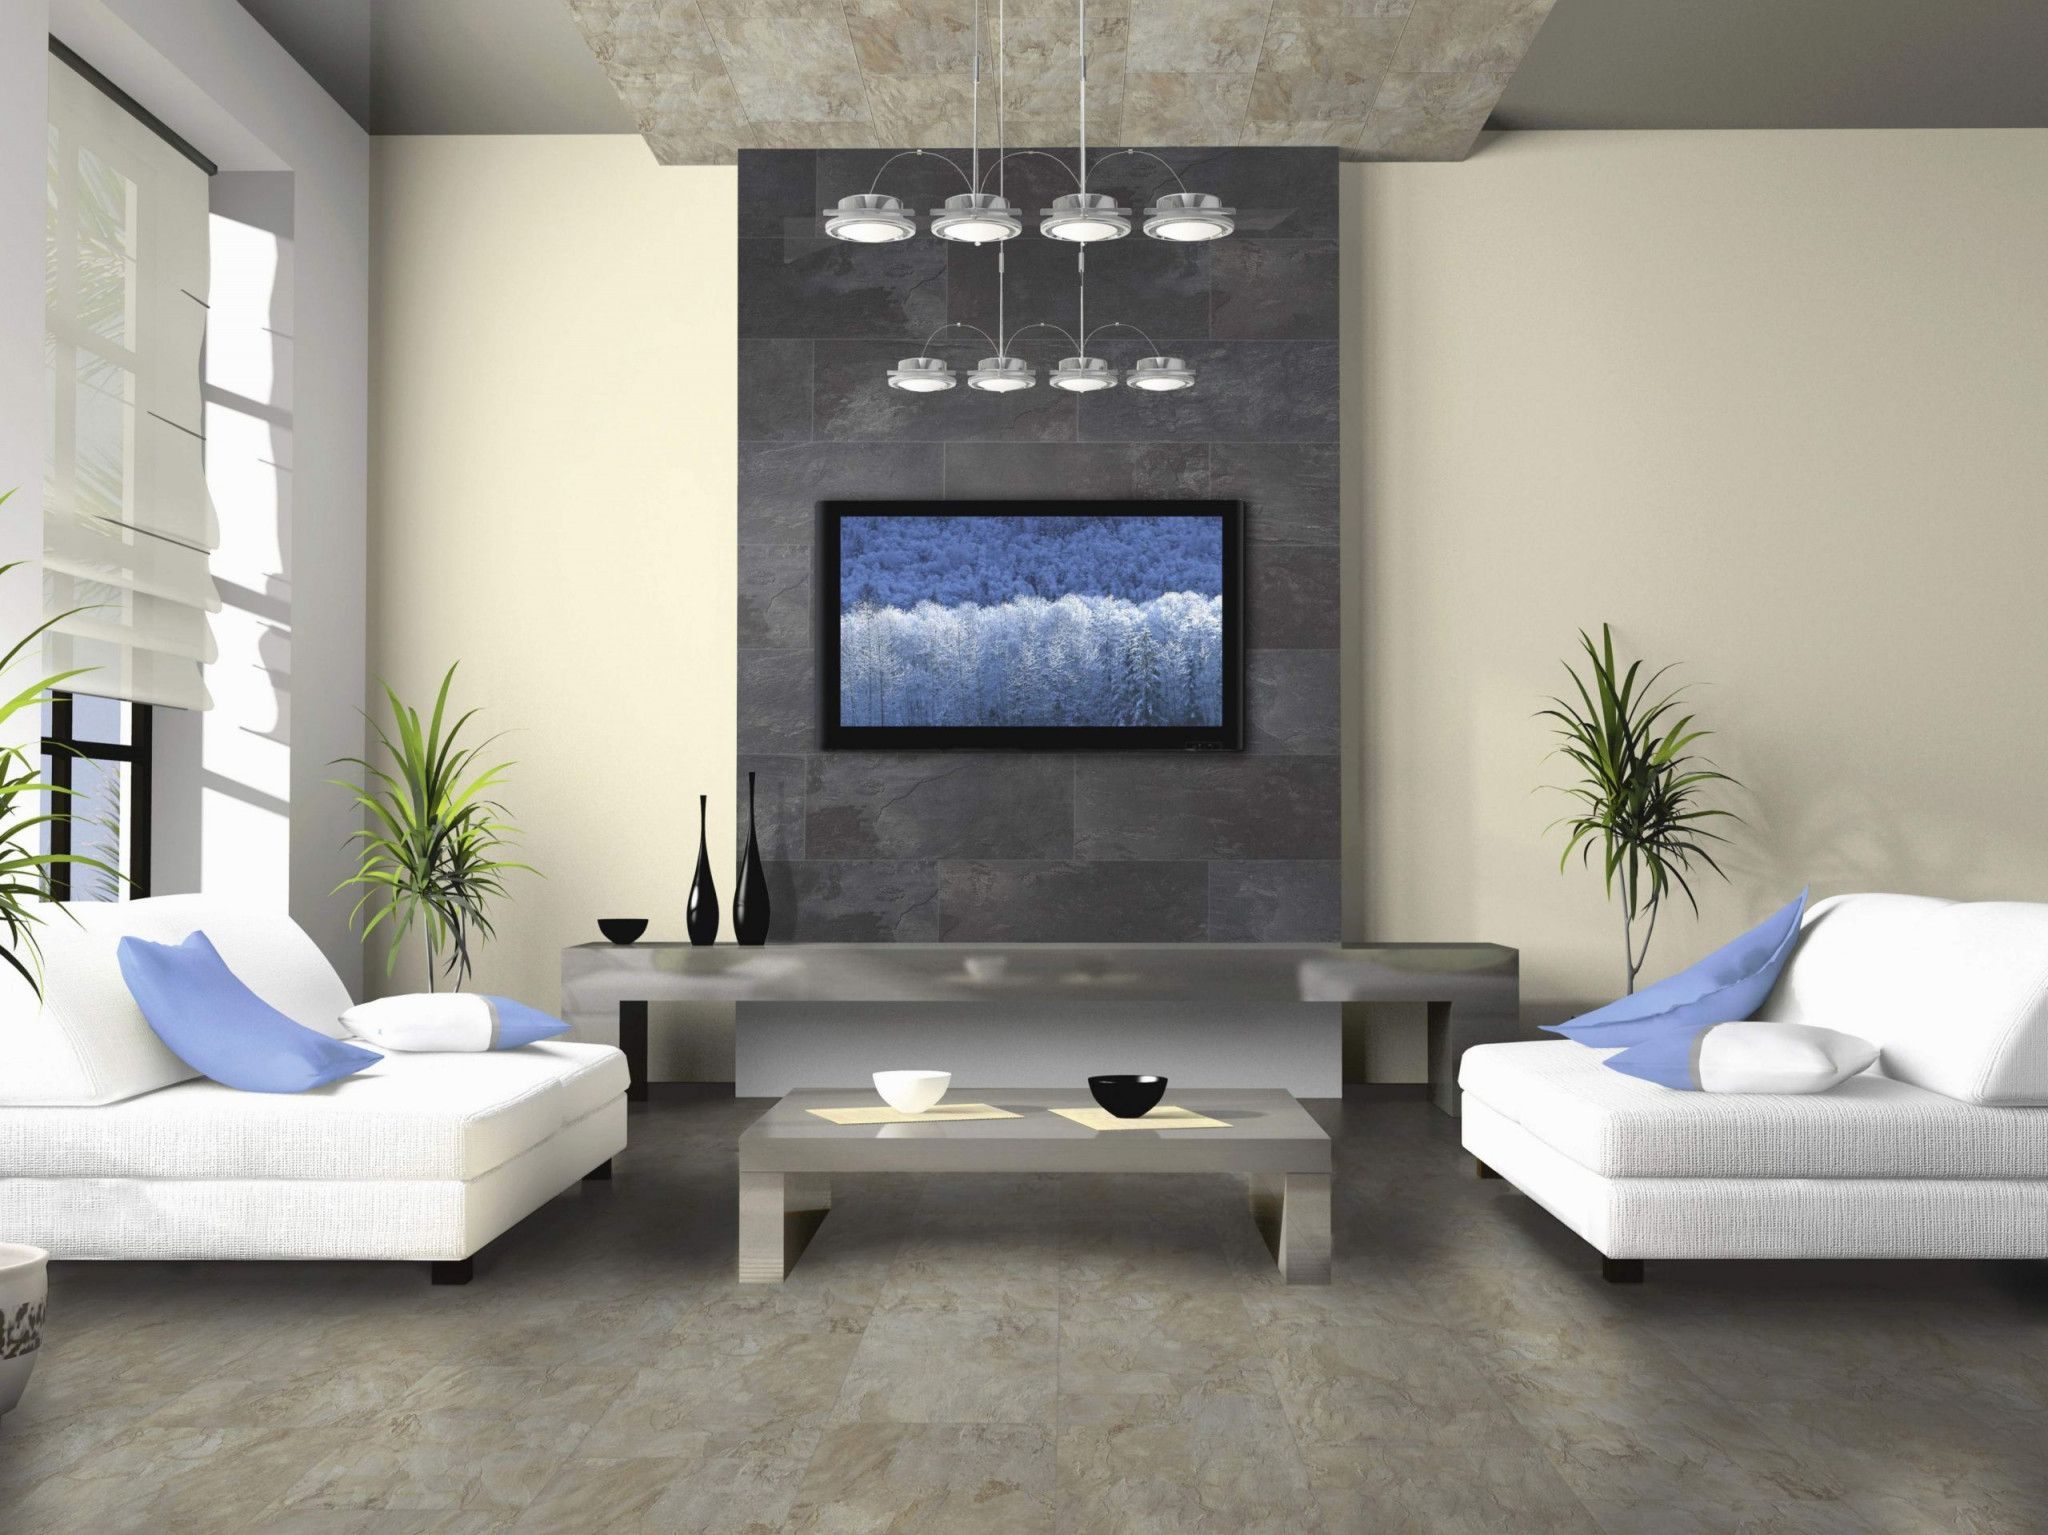 27 Luxus Moderne Deko Wohnzimmer Elegant  Wohnzimmer Frisch von Elegante Deko Wohnzimmer Bild